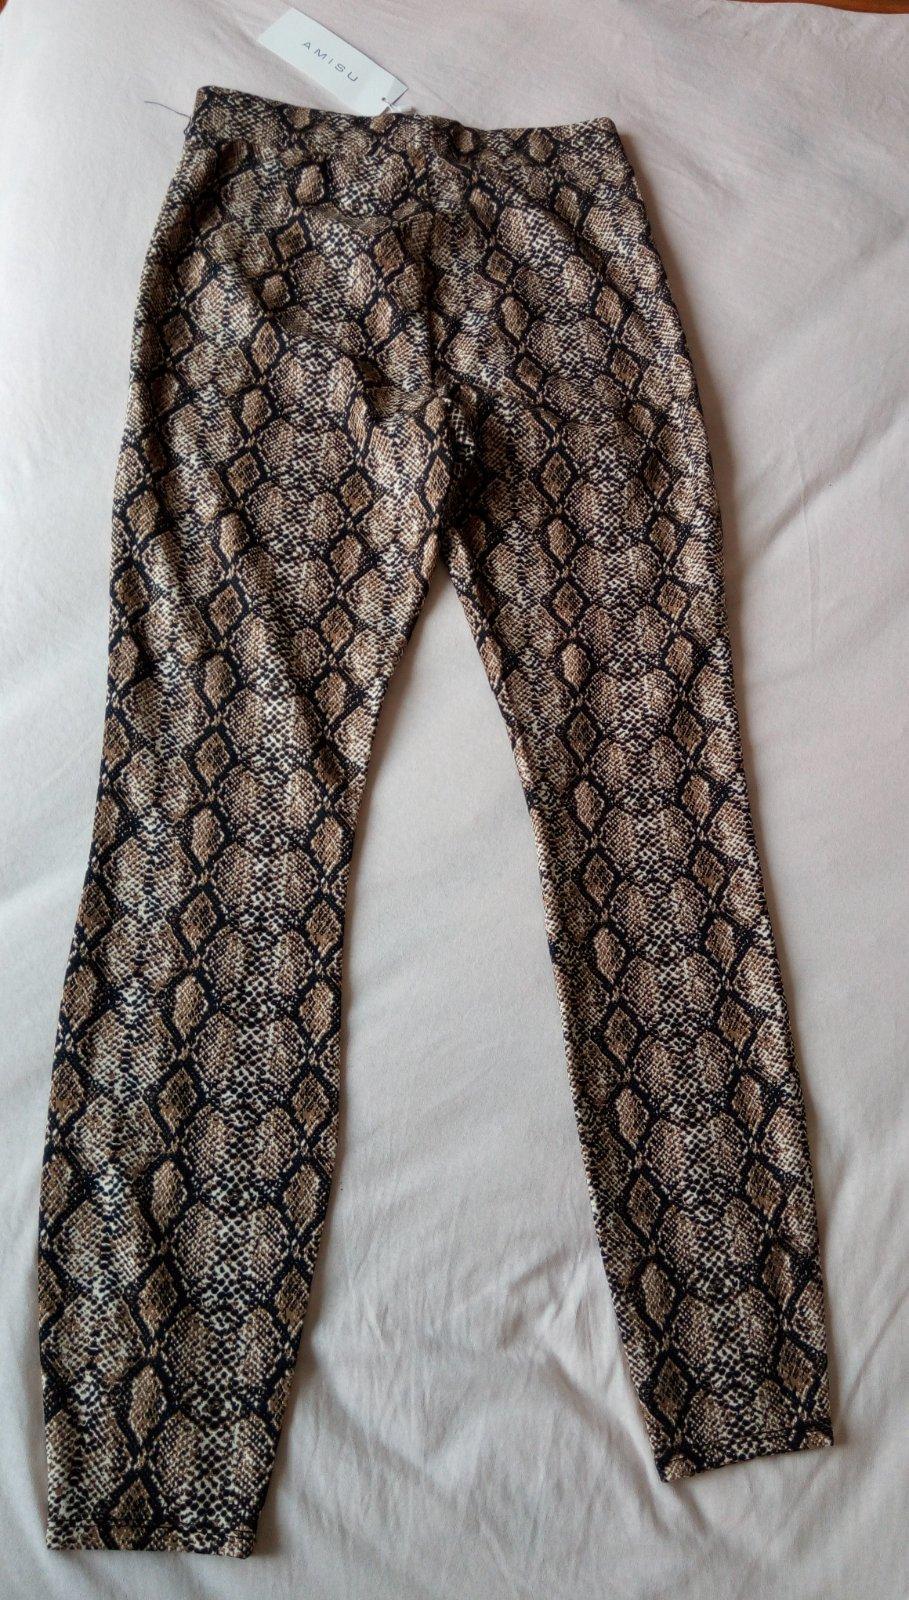 Hnedé hadie legínové nohavice Amisu S - Obrázok č. 2